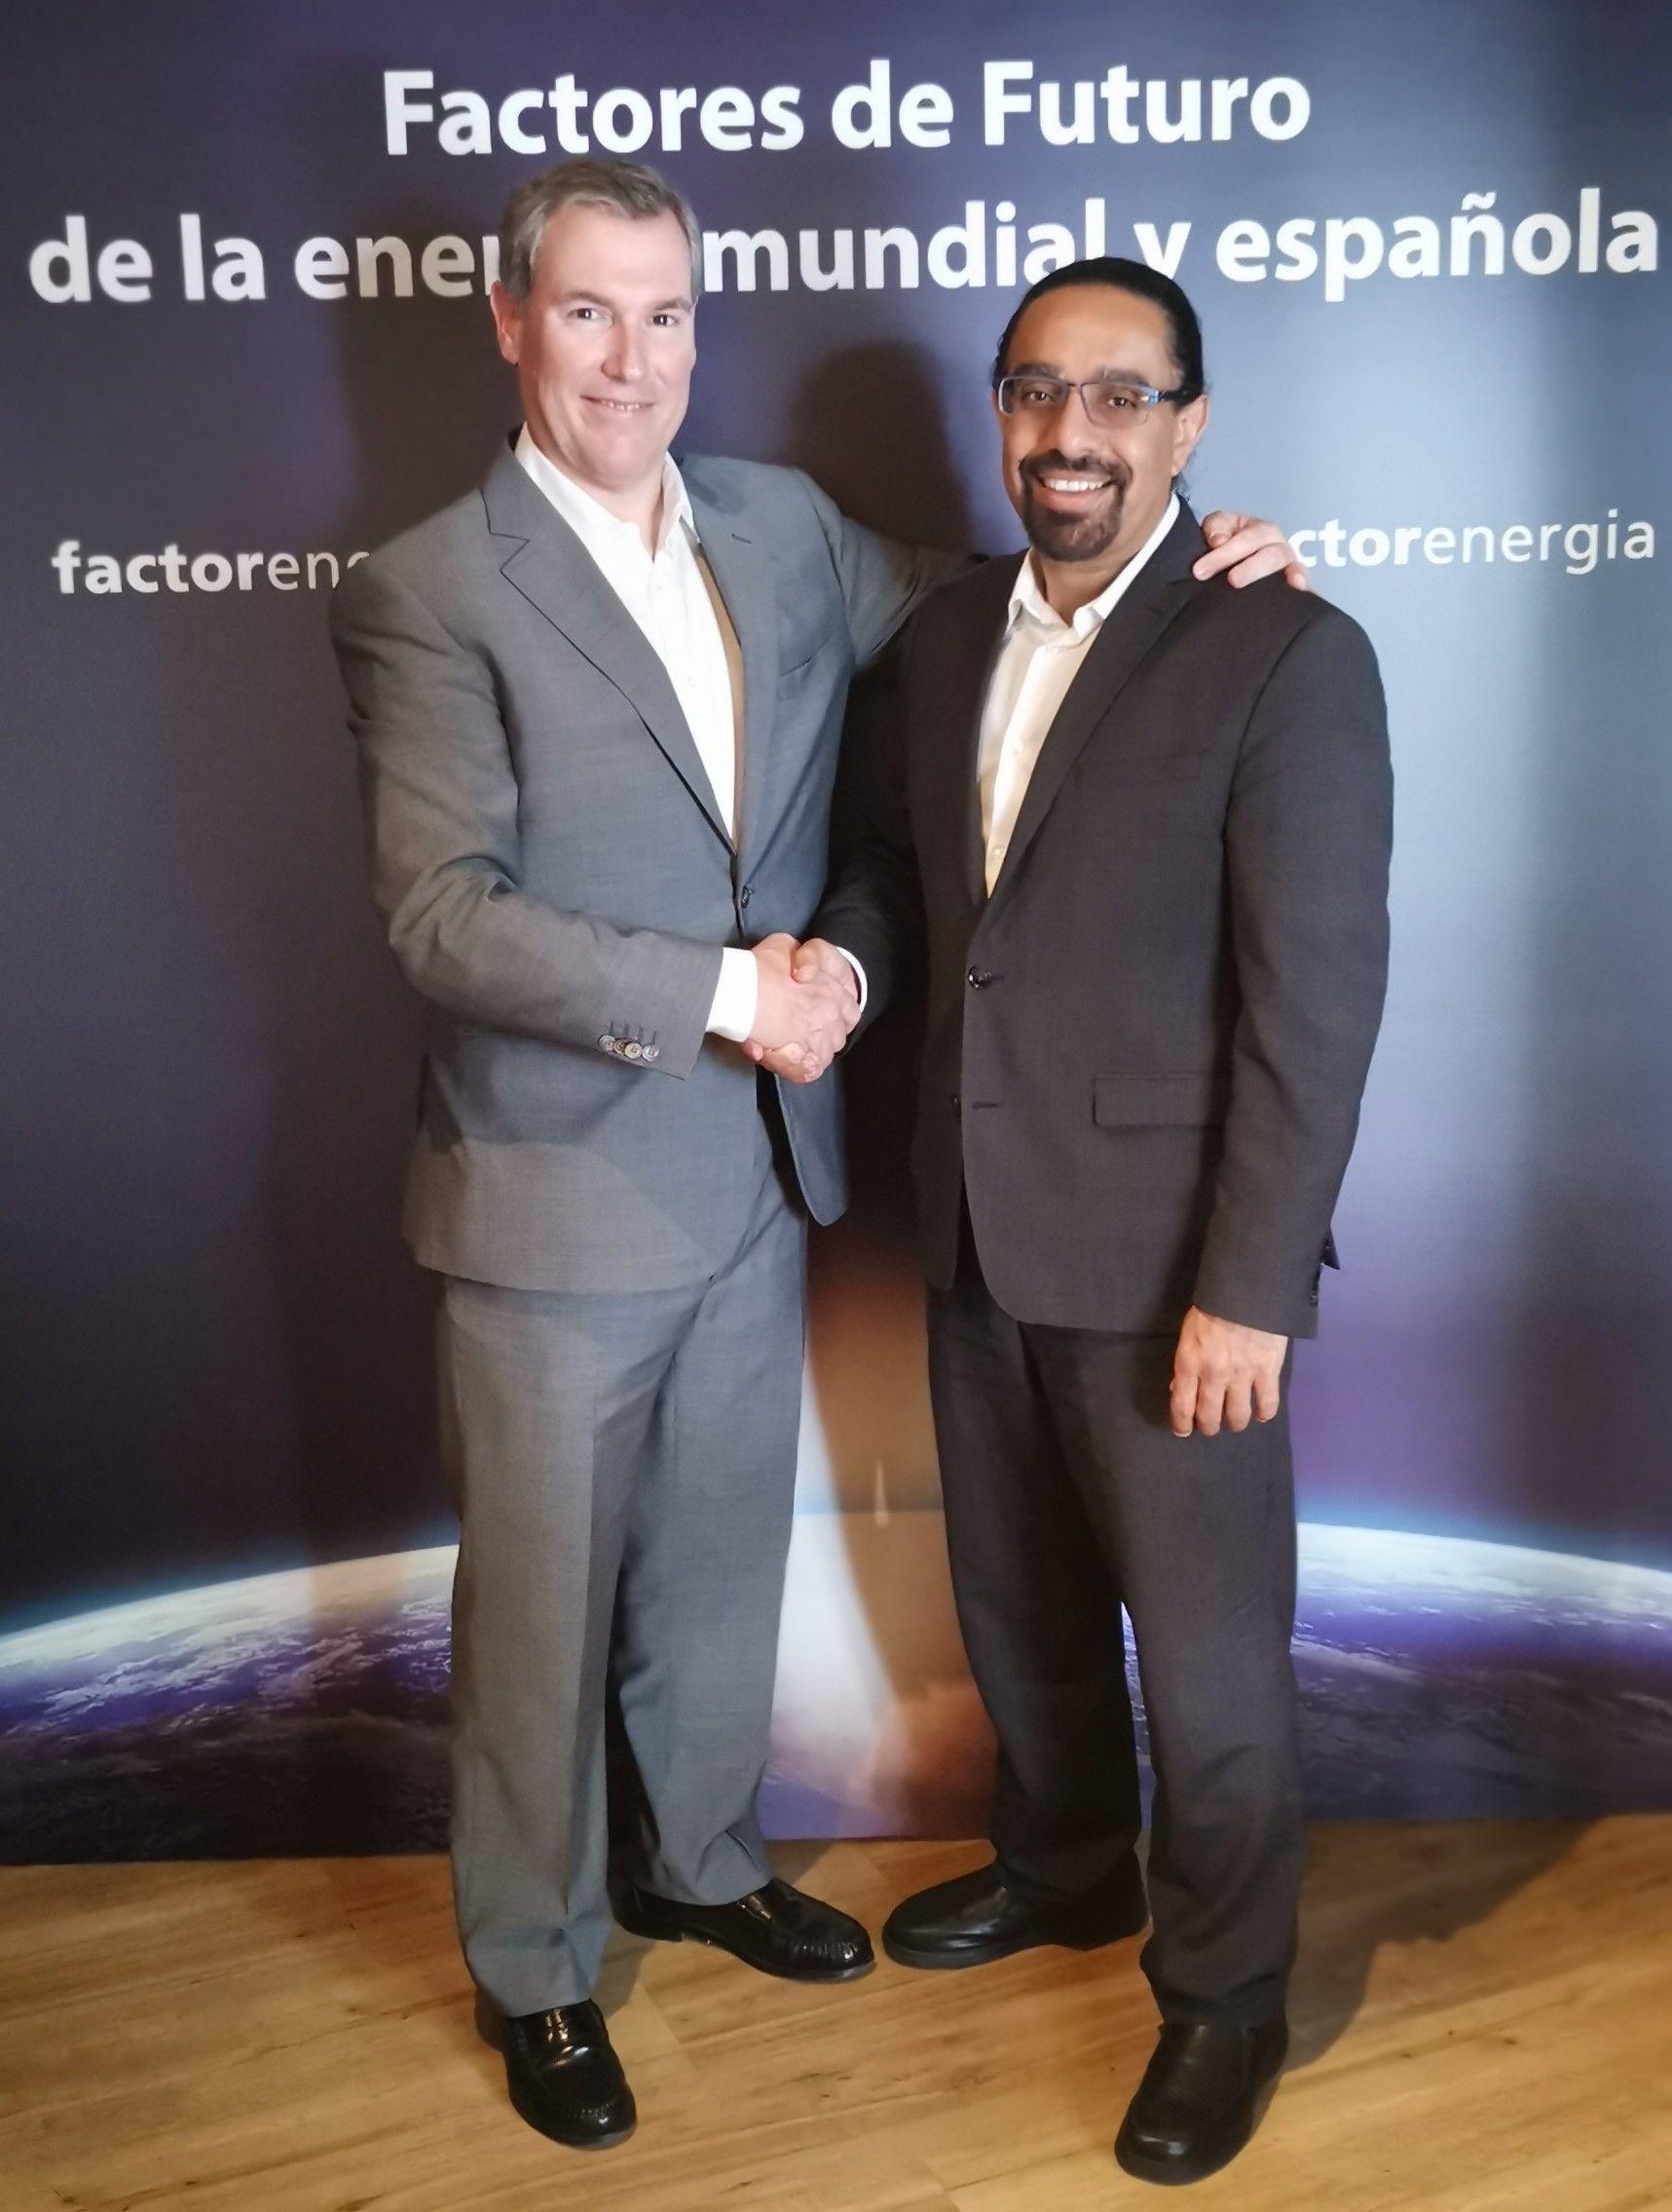 Foto de El fundador y CEO de Factorenergia, Emilio Rousaud, junto con